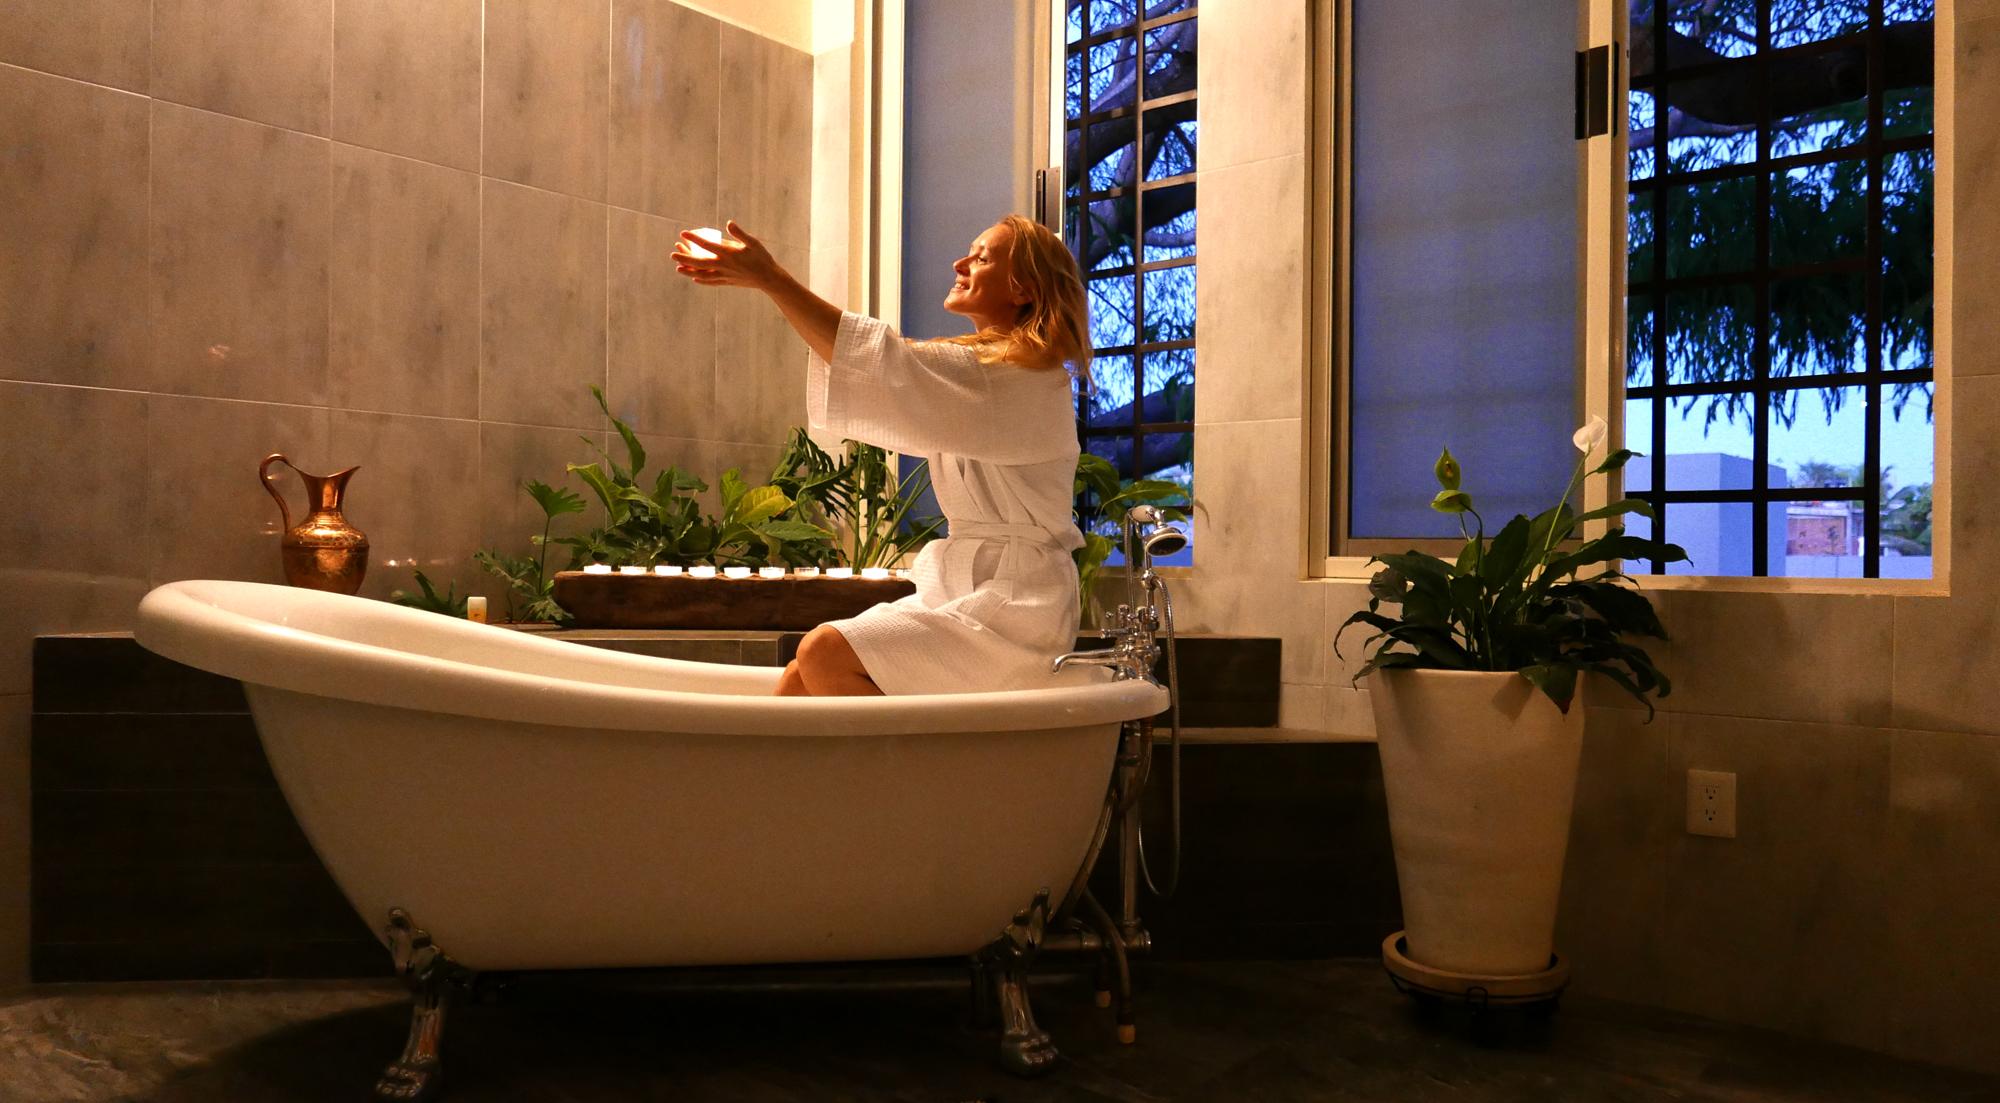 villas parota bath 1